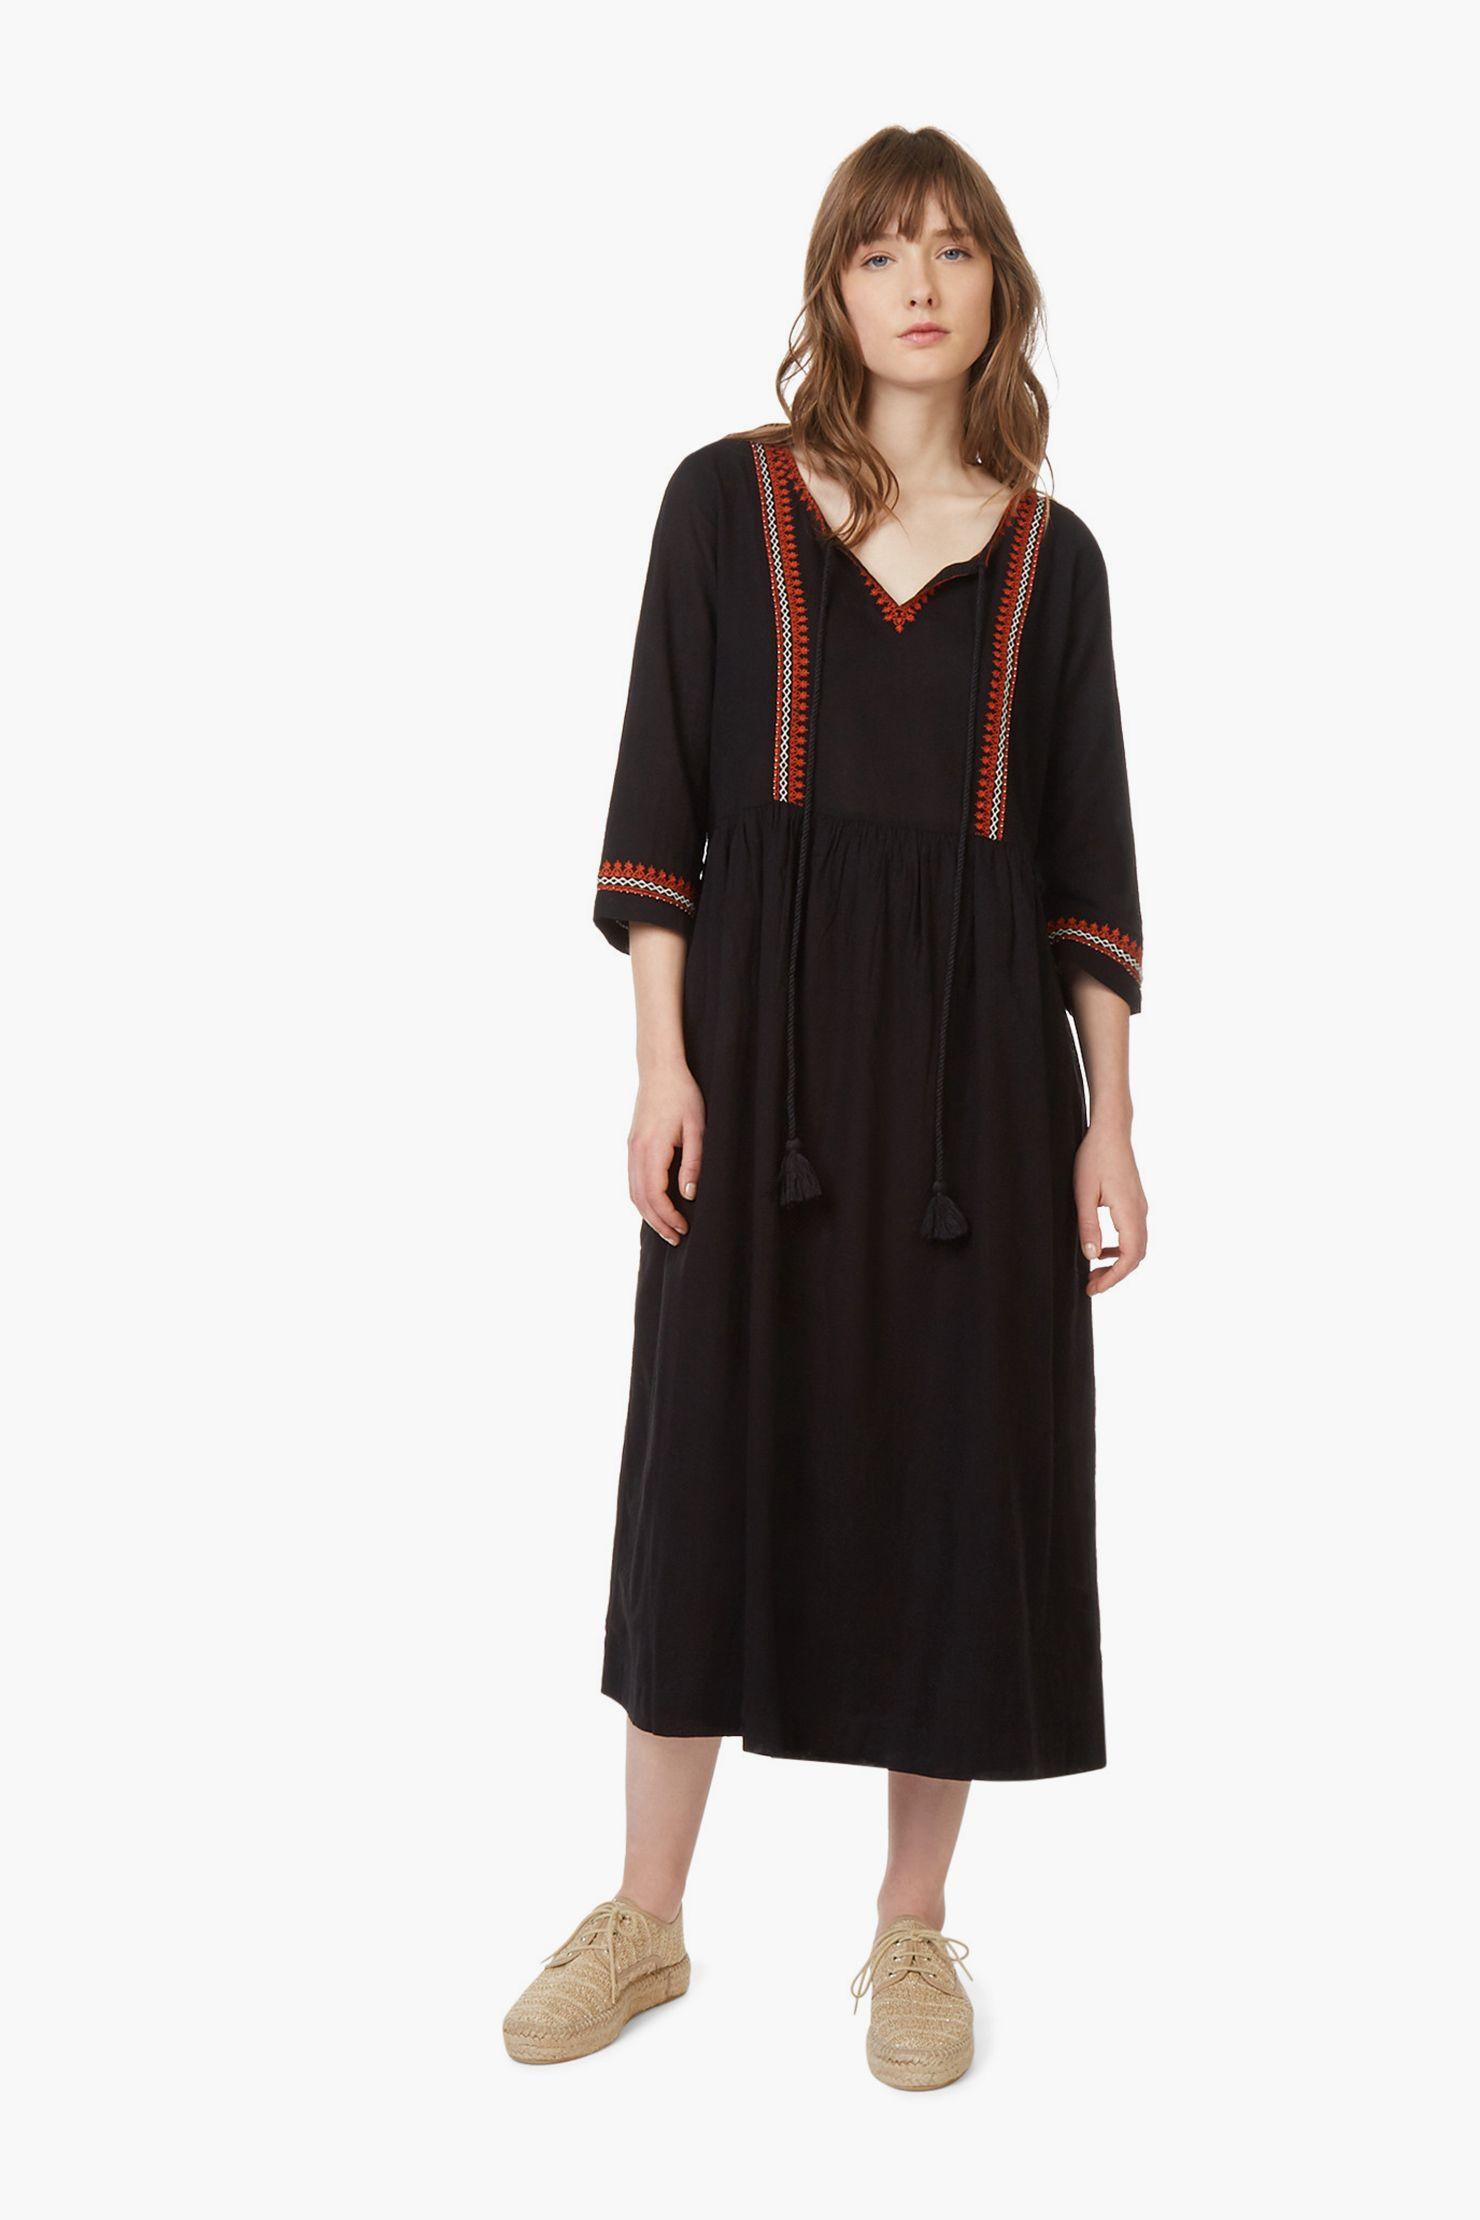 Robe longue femme avec manches